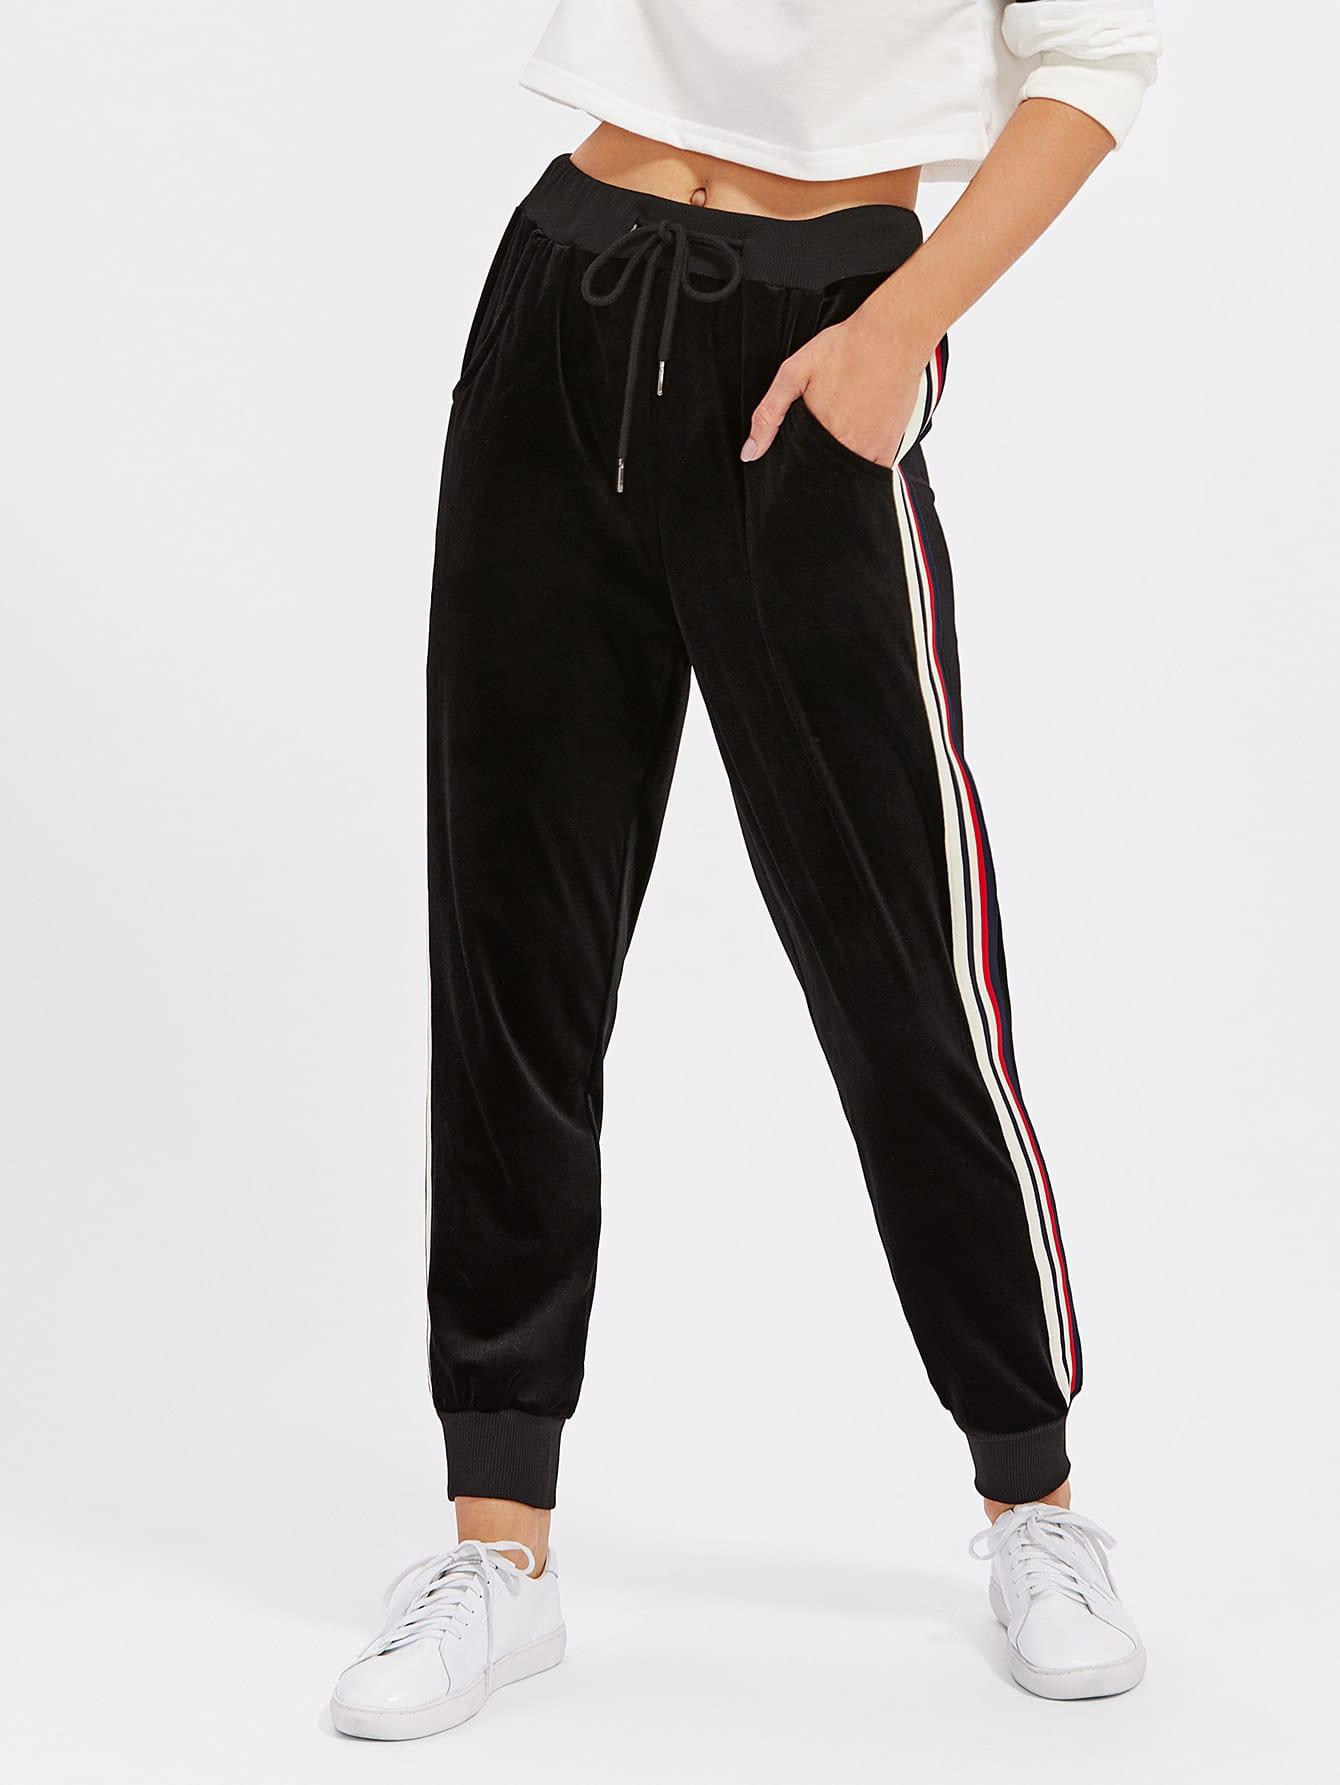 Stripe Contrast Velvet Pants